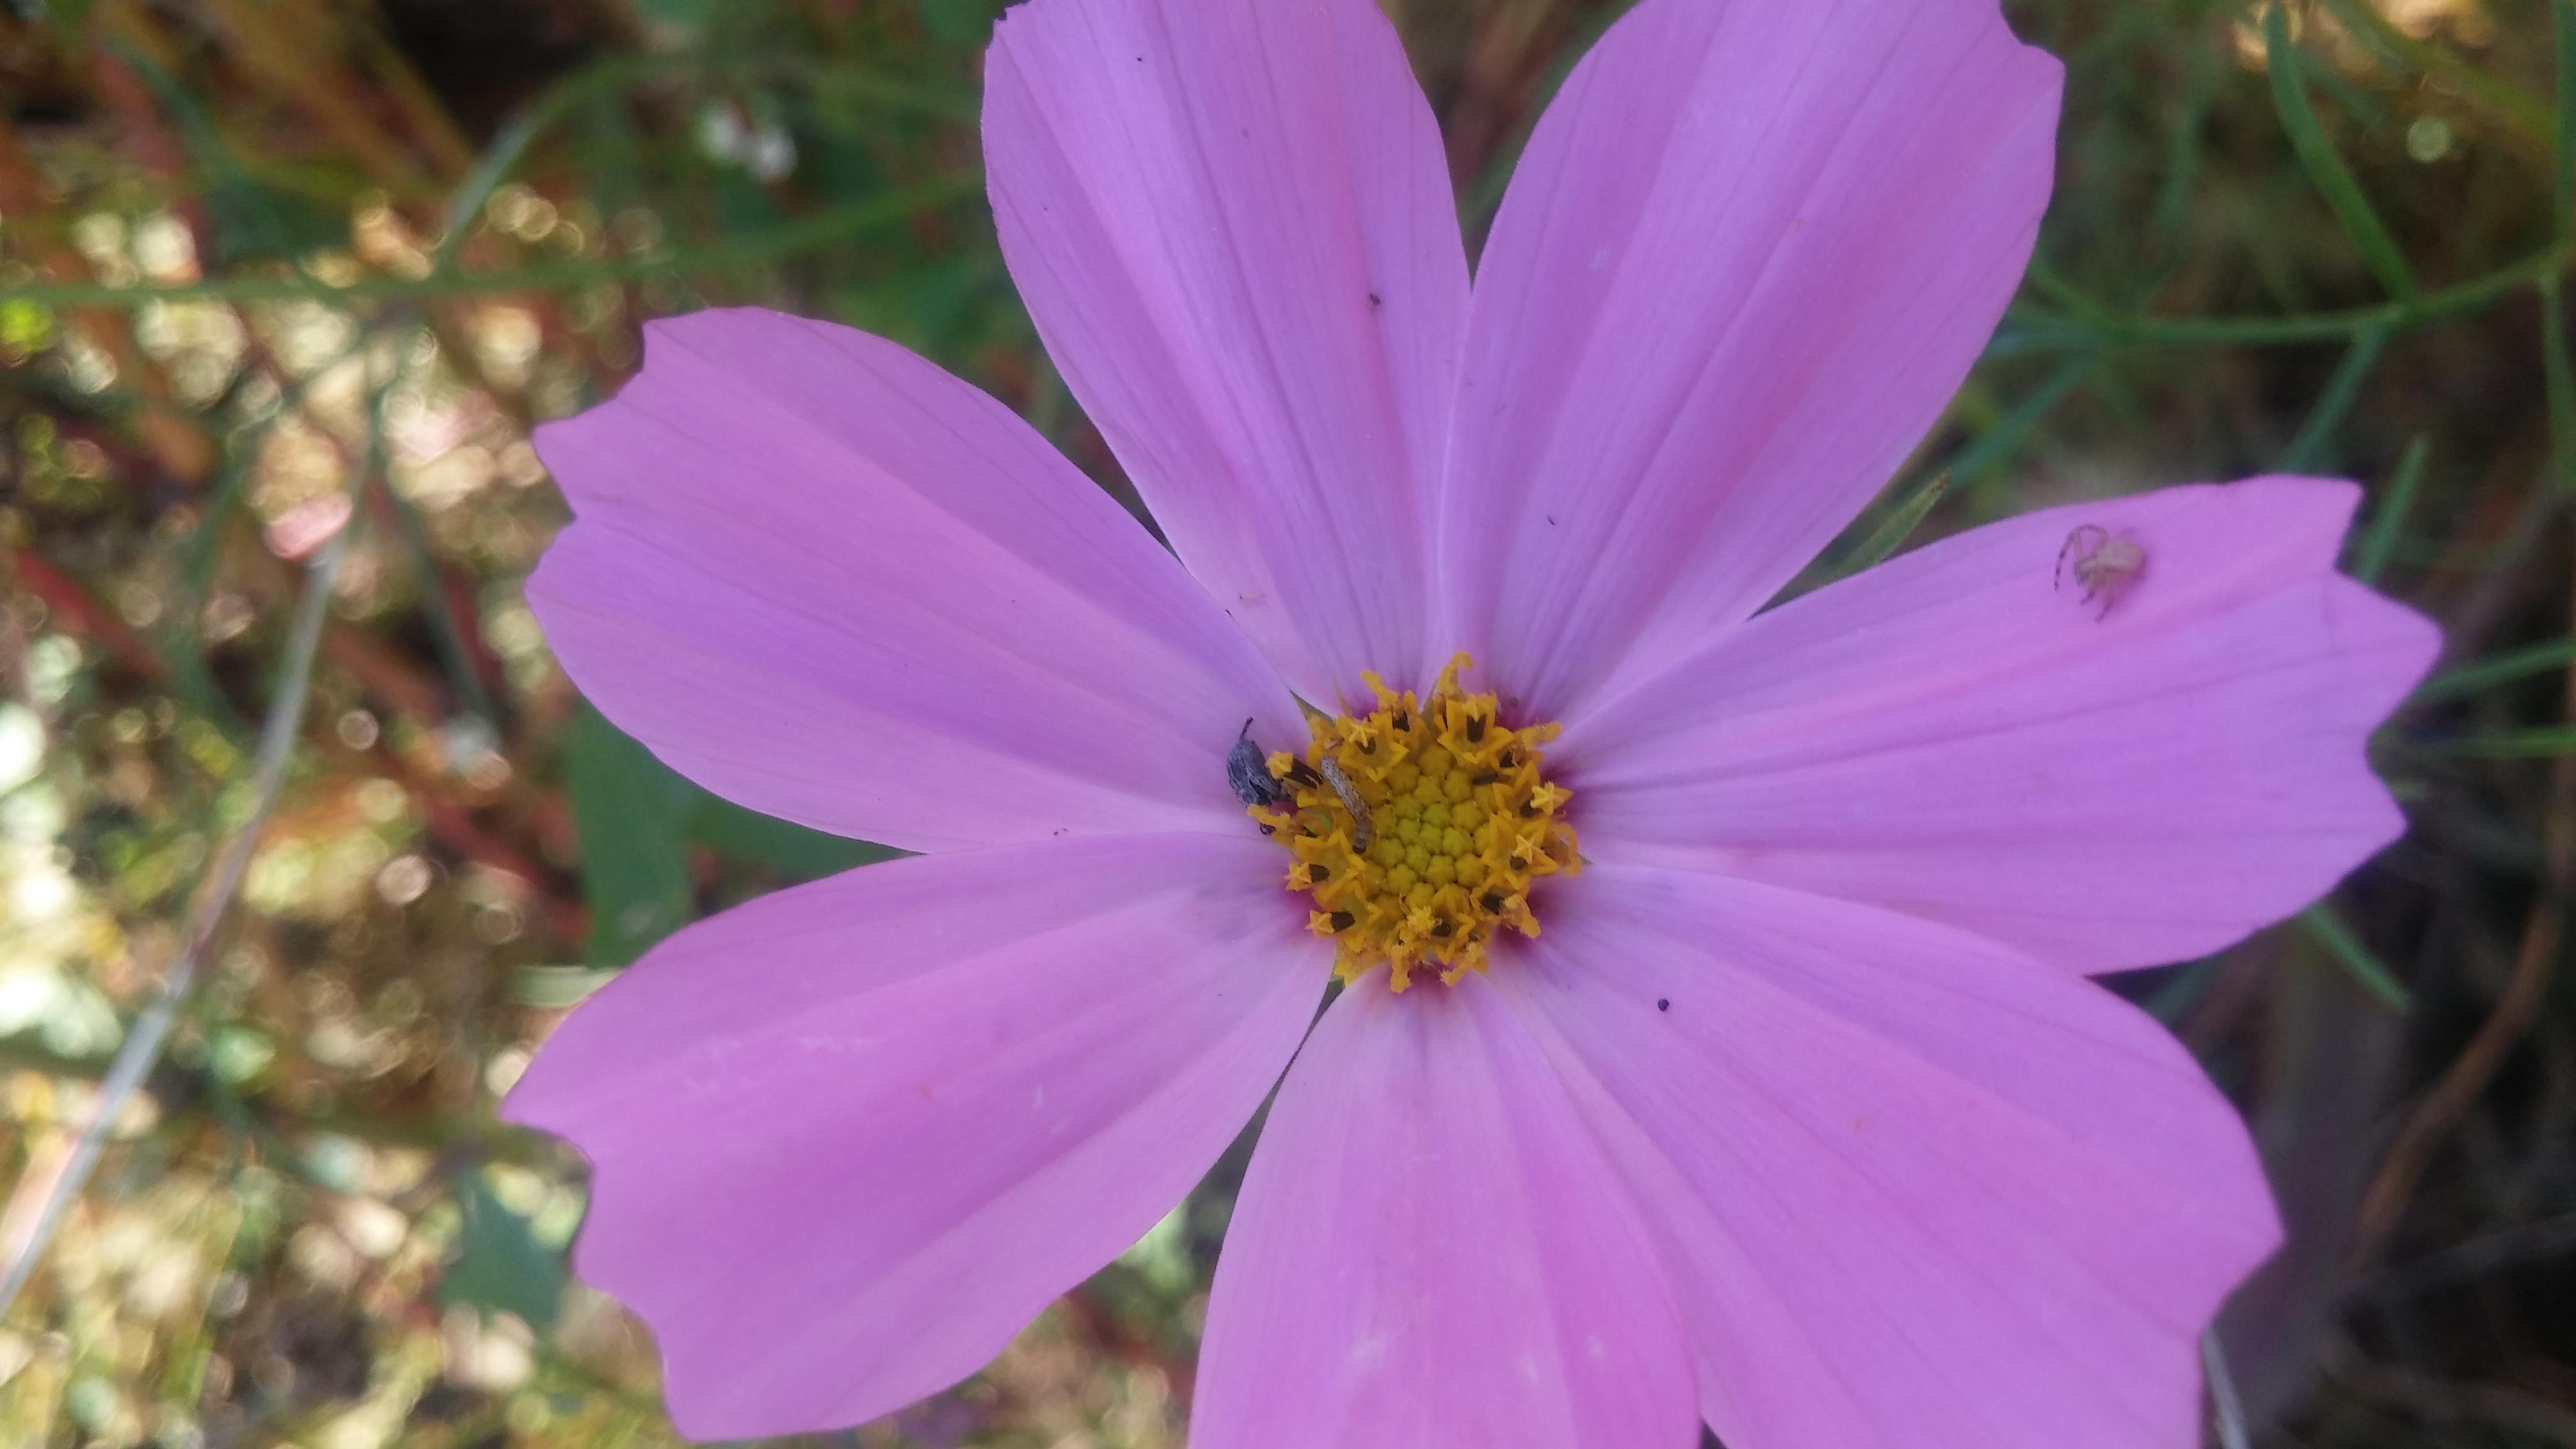 fiore con insetti